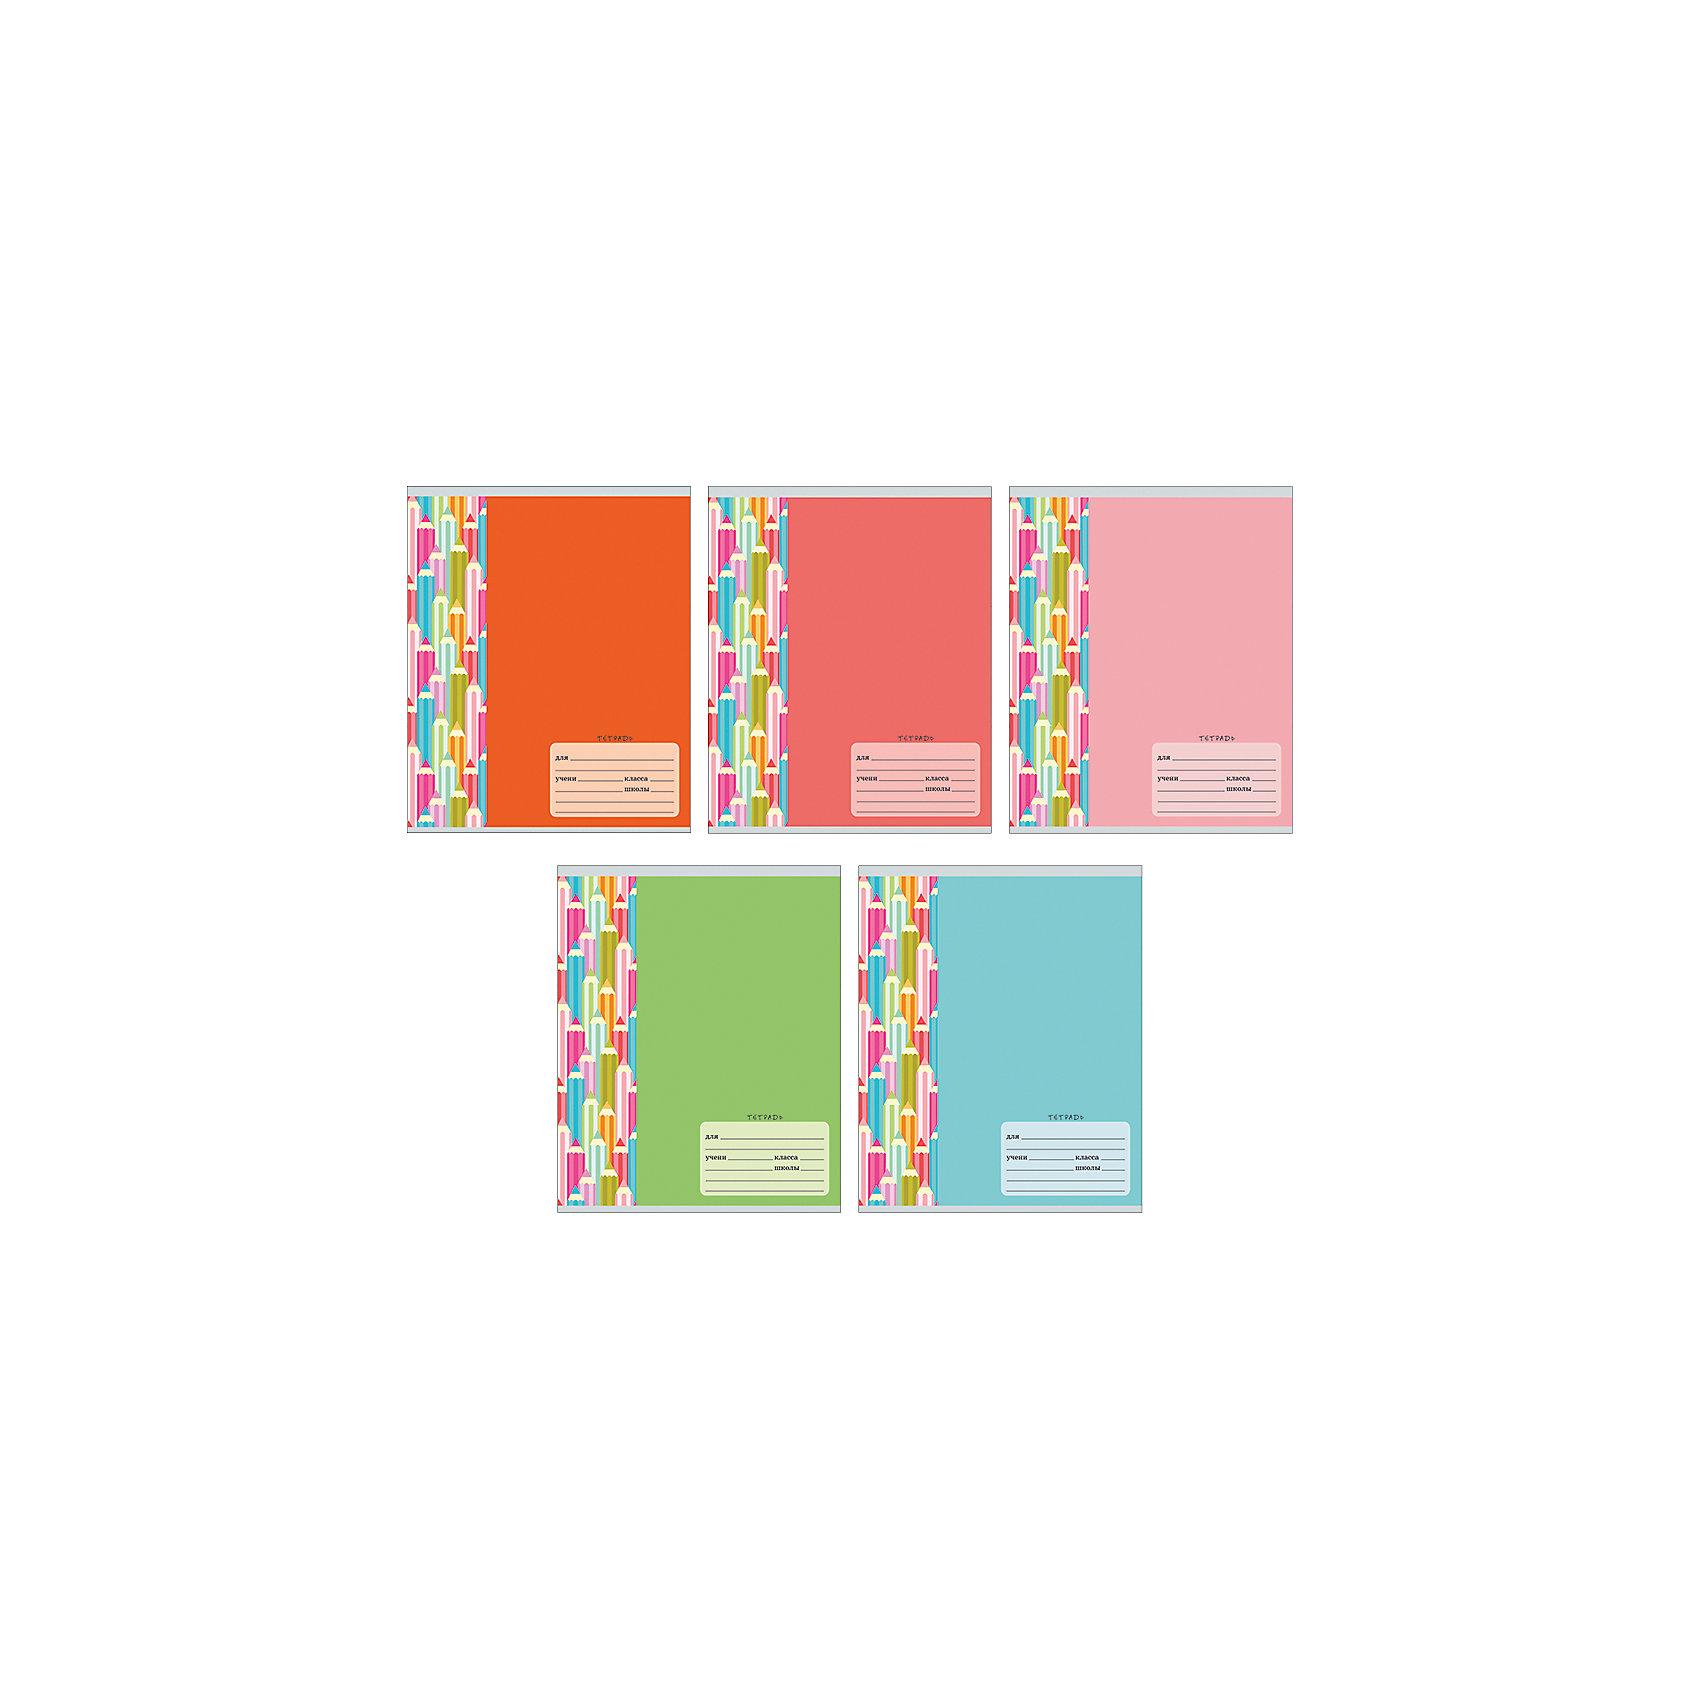 Комплект тетрадей Цветные карандаши (10 шт), 12 листов, Канц-ЭксмоБумажная продукция<br>Характеристики комплекта тетрадей Цветные карандаши:<br><br>• размеры: 20.2х16.3х3.5 см<br>• количество листов: 12 шт.<br>• разлиновка: линейка<br>• формат: А 5 <br>• комплектация: тетрадь<br>• бумага: офсет, плотностью 60 г/м2.<br>• обложка: мелованный картон, выборочный лак <br>• бренд: Канц-Эксмо<br>• страна бренда: Россия<br>• страна производителя: Россия<br><br>Комплект тетрадей Цветные карандаши от производителя Канц-Эксмо выполнен в формате А5. Количество листов 12, тетради в линейку с полями. Крепление: скрепка. Обложка у изделий плотная - мелованный картон, выборочный лак <br><br>Комплект тетрадей Цветные карандаши от производителя Канц-Эксмо можно купить в нашем интернет-магазине.<br><br>Ширина мм: 200<br>Глубина мм: 163<br>Высота мм: 20<br>Вес г: 39<br>Возраст от месяцев: 72<br>Возраст до месяцев: 2147483647<br>Пол: Унисекс<br>Возраст: Детский<br>SKU: 5448381